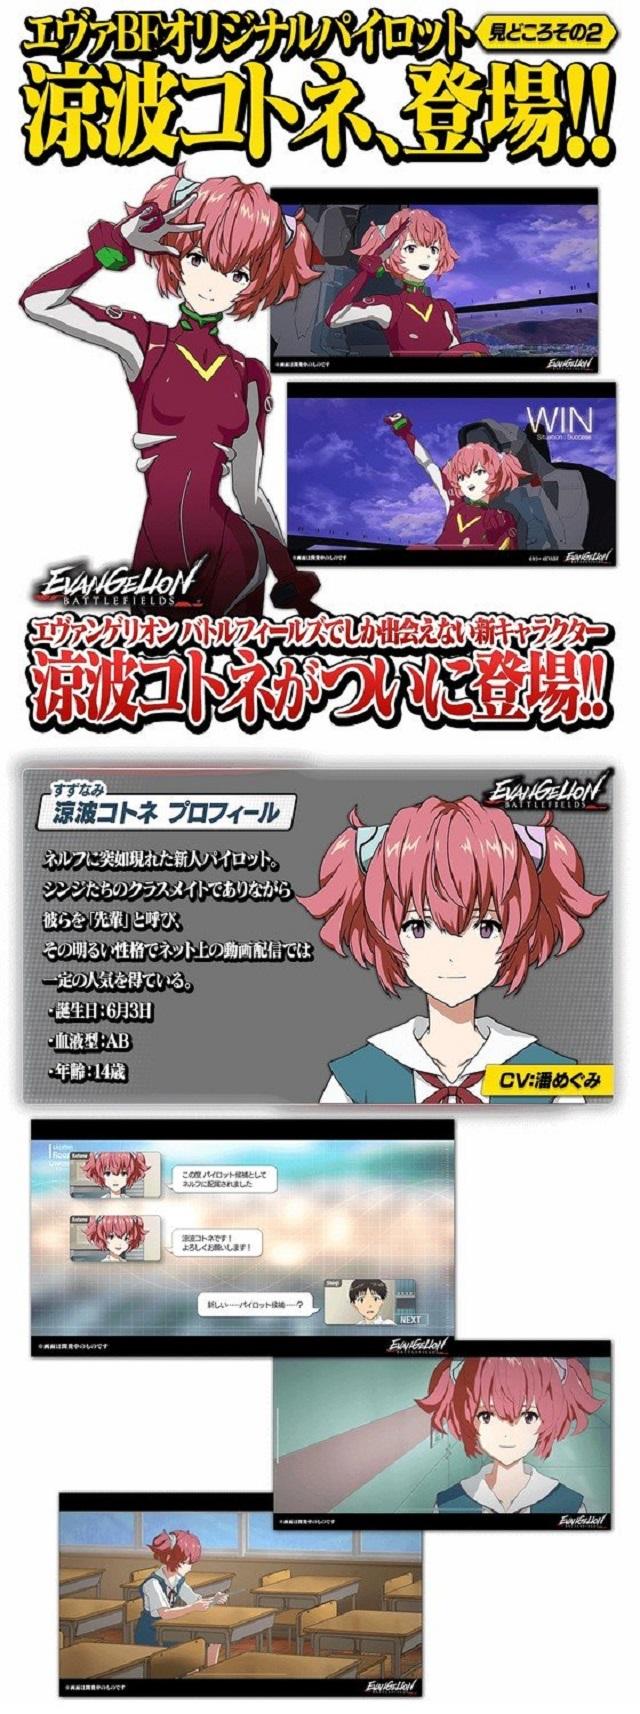 Kotone Suzunami Evangelion Battlefields